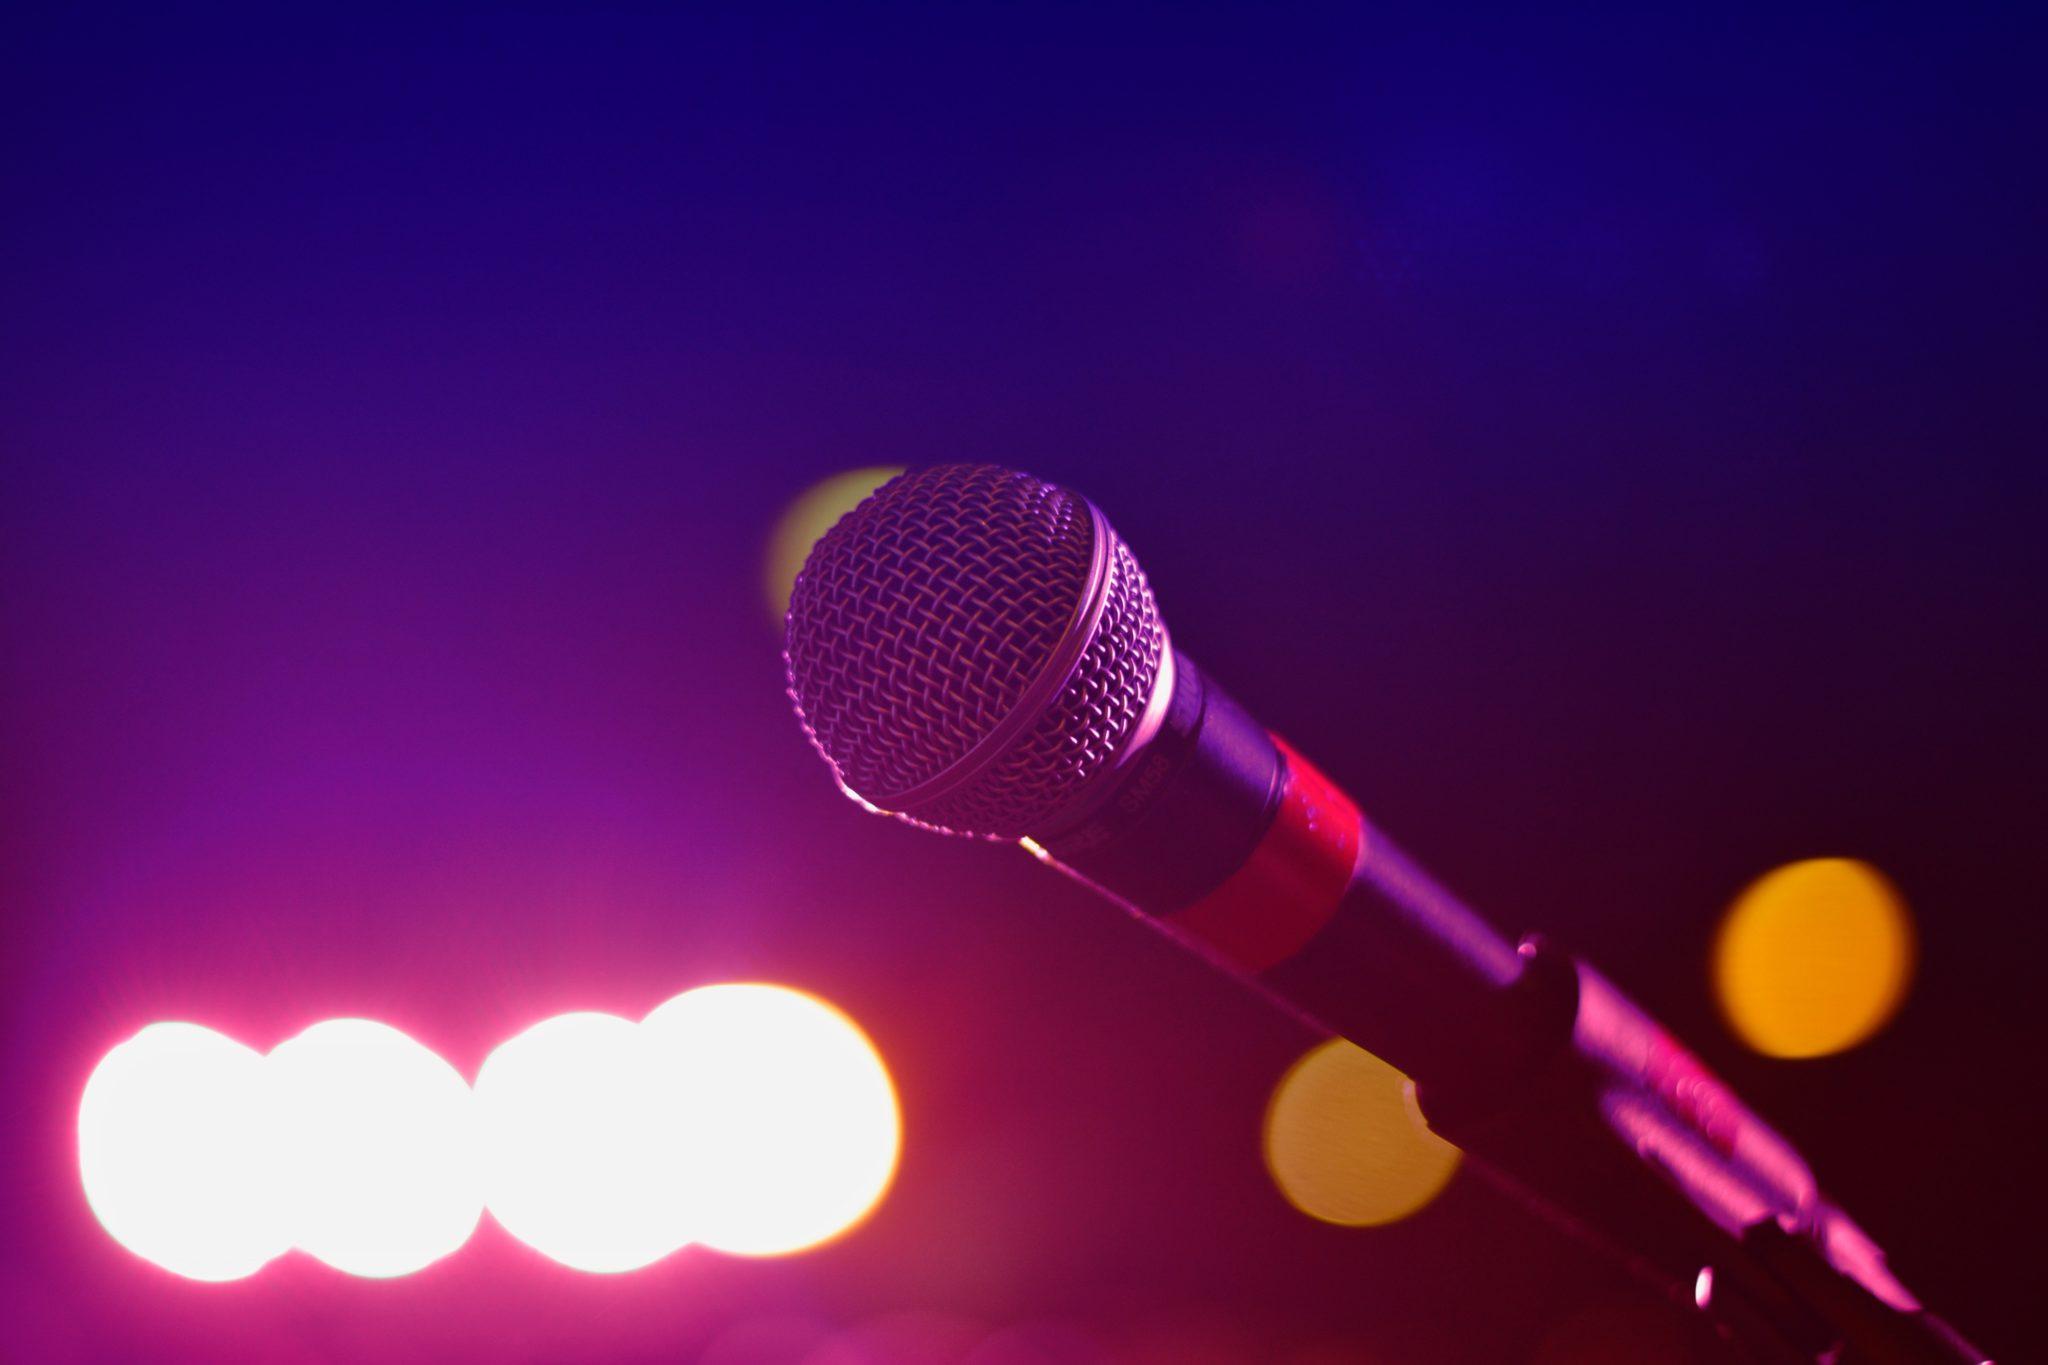 Karaoke microphone stock image